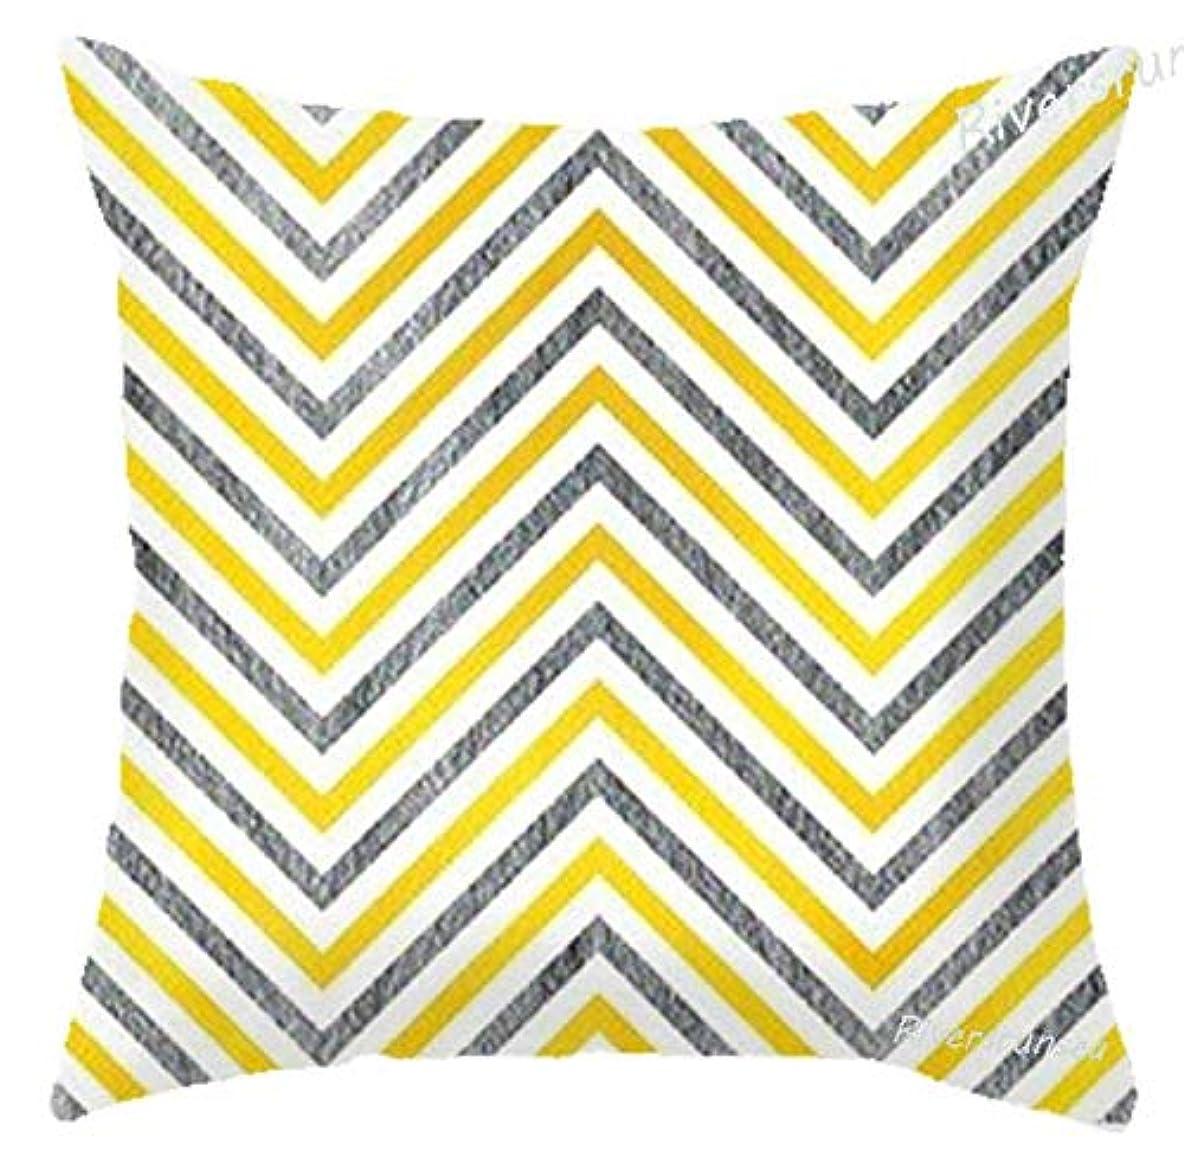 お金ゴムチラチラする若さLIFE 北欧スタイルの家の装飾幾何学的なクッションミニマリスト装飾ゲイリー金箔の花の枕のためのリビングルームの椅子 クッション 椅子